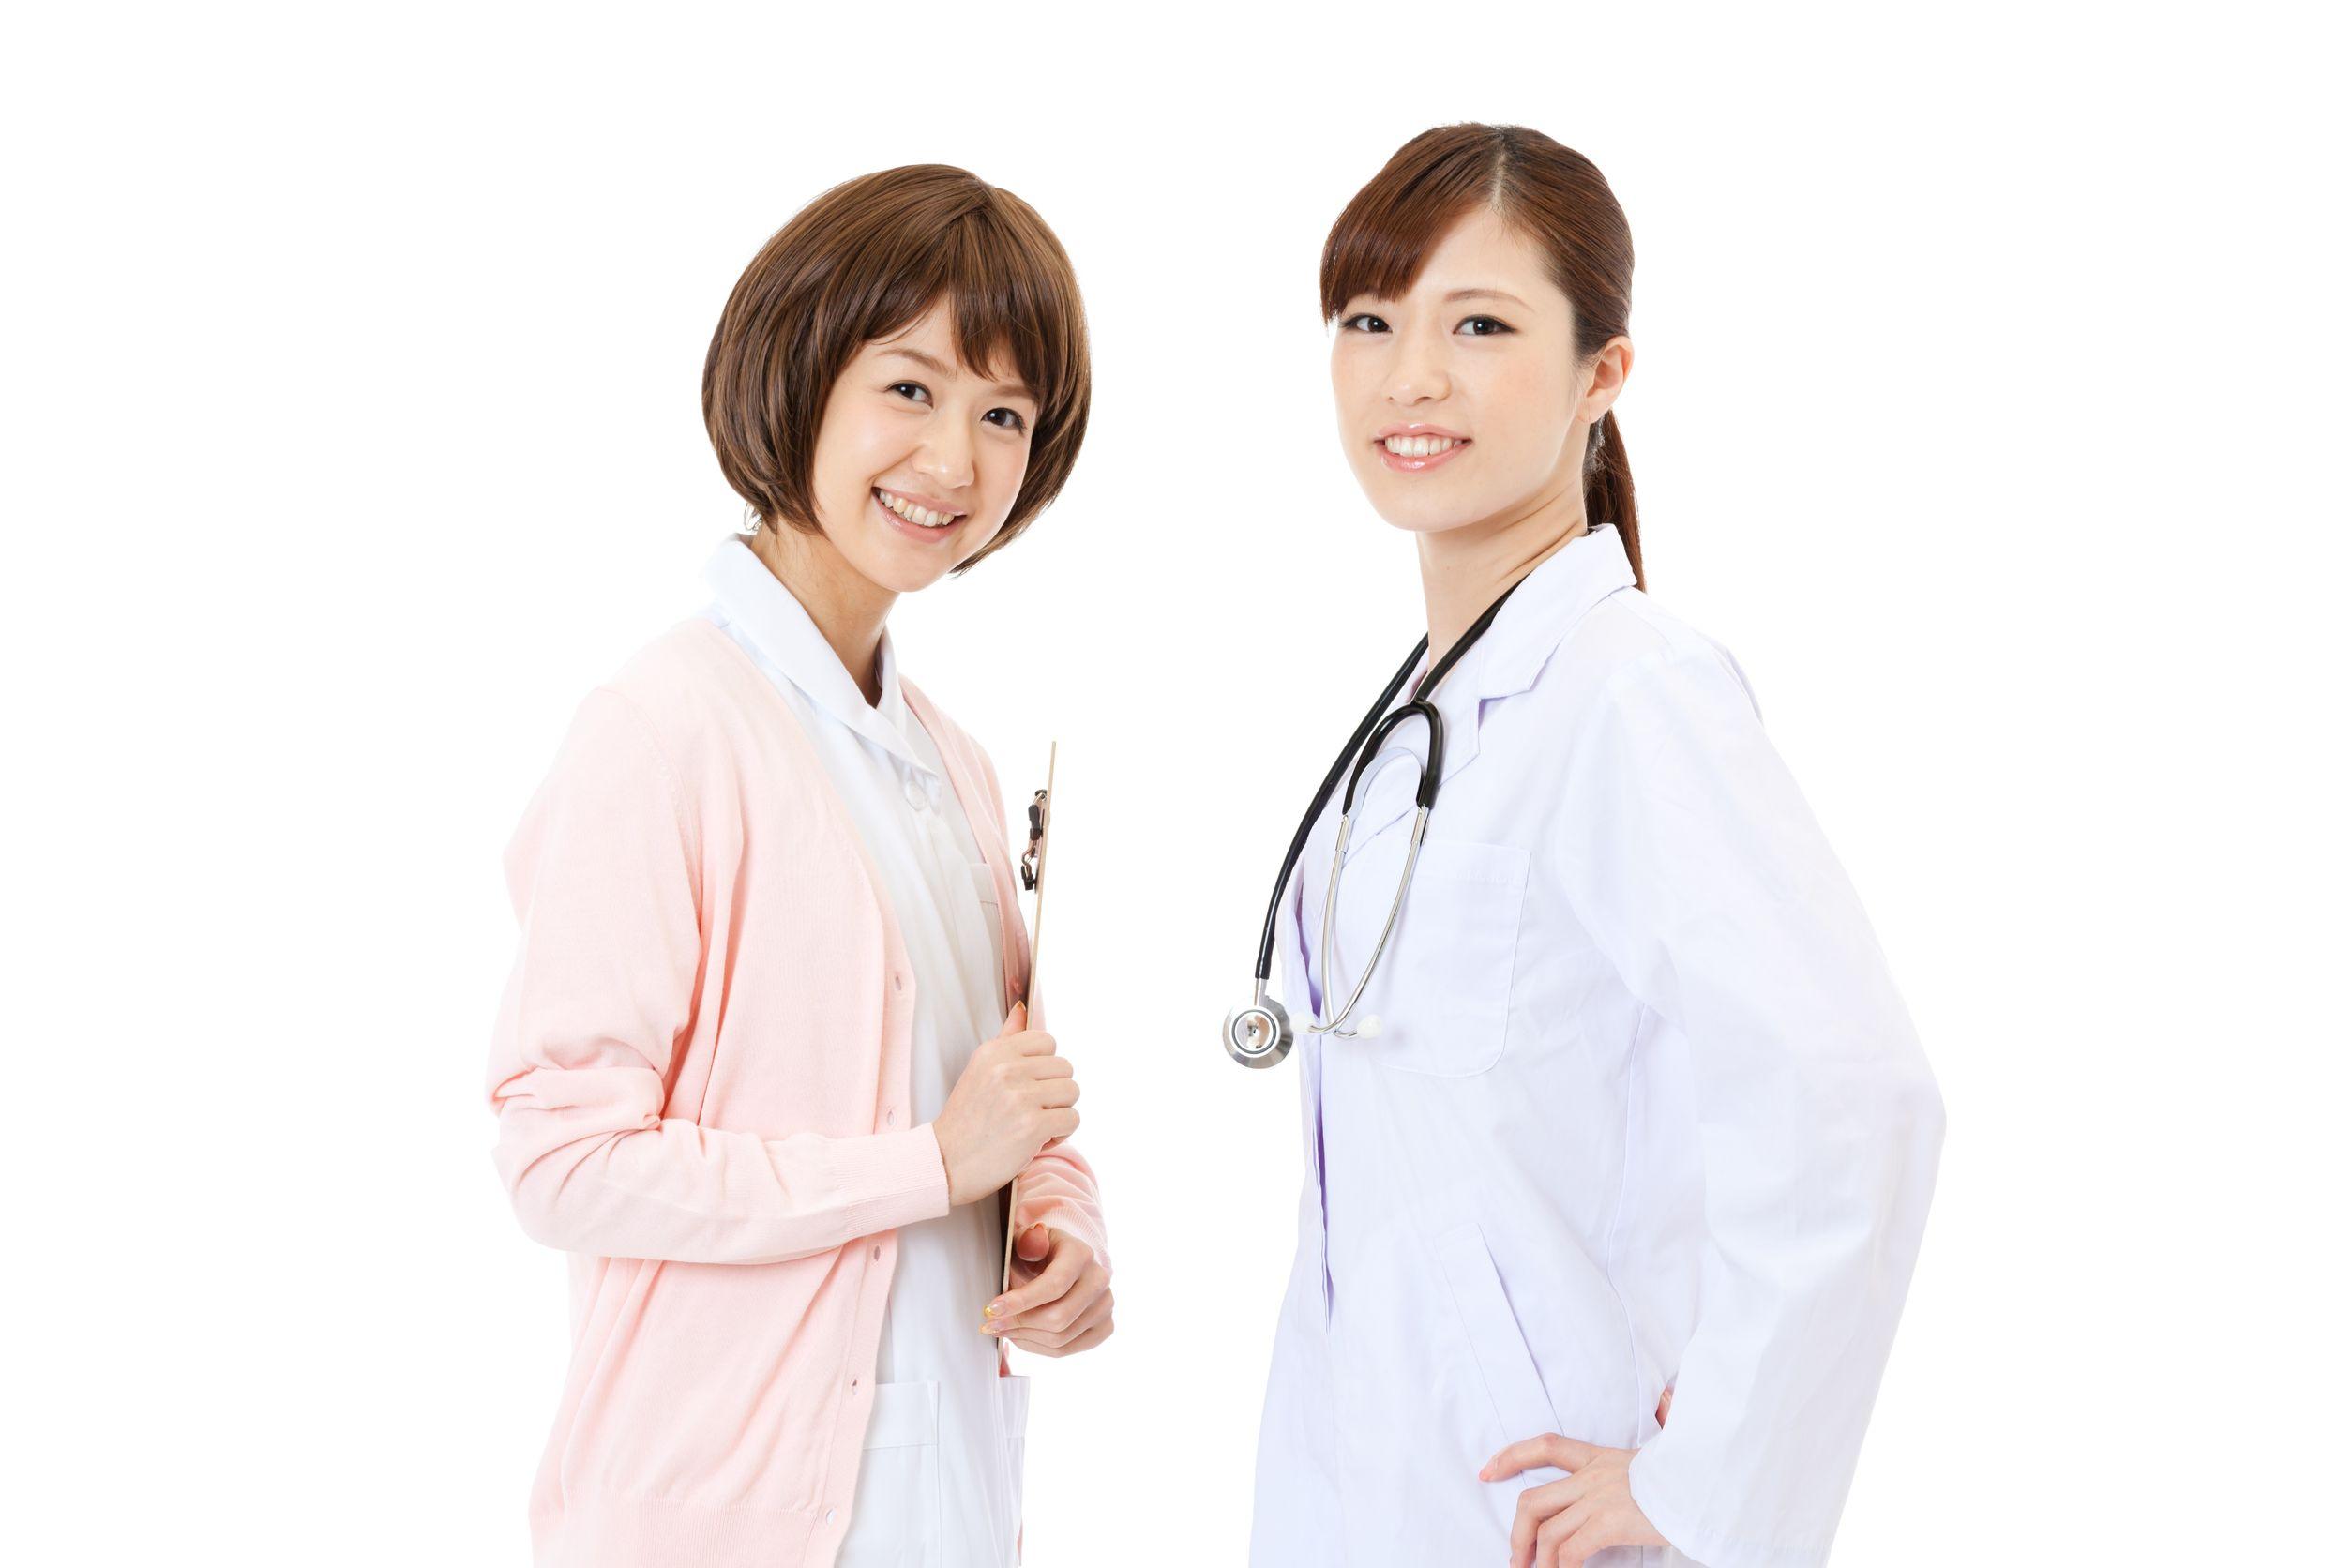 關於 Caretia 康禧醫護®